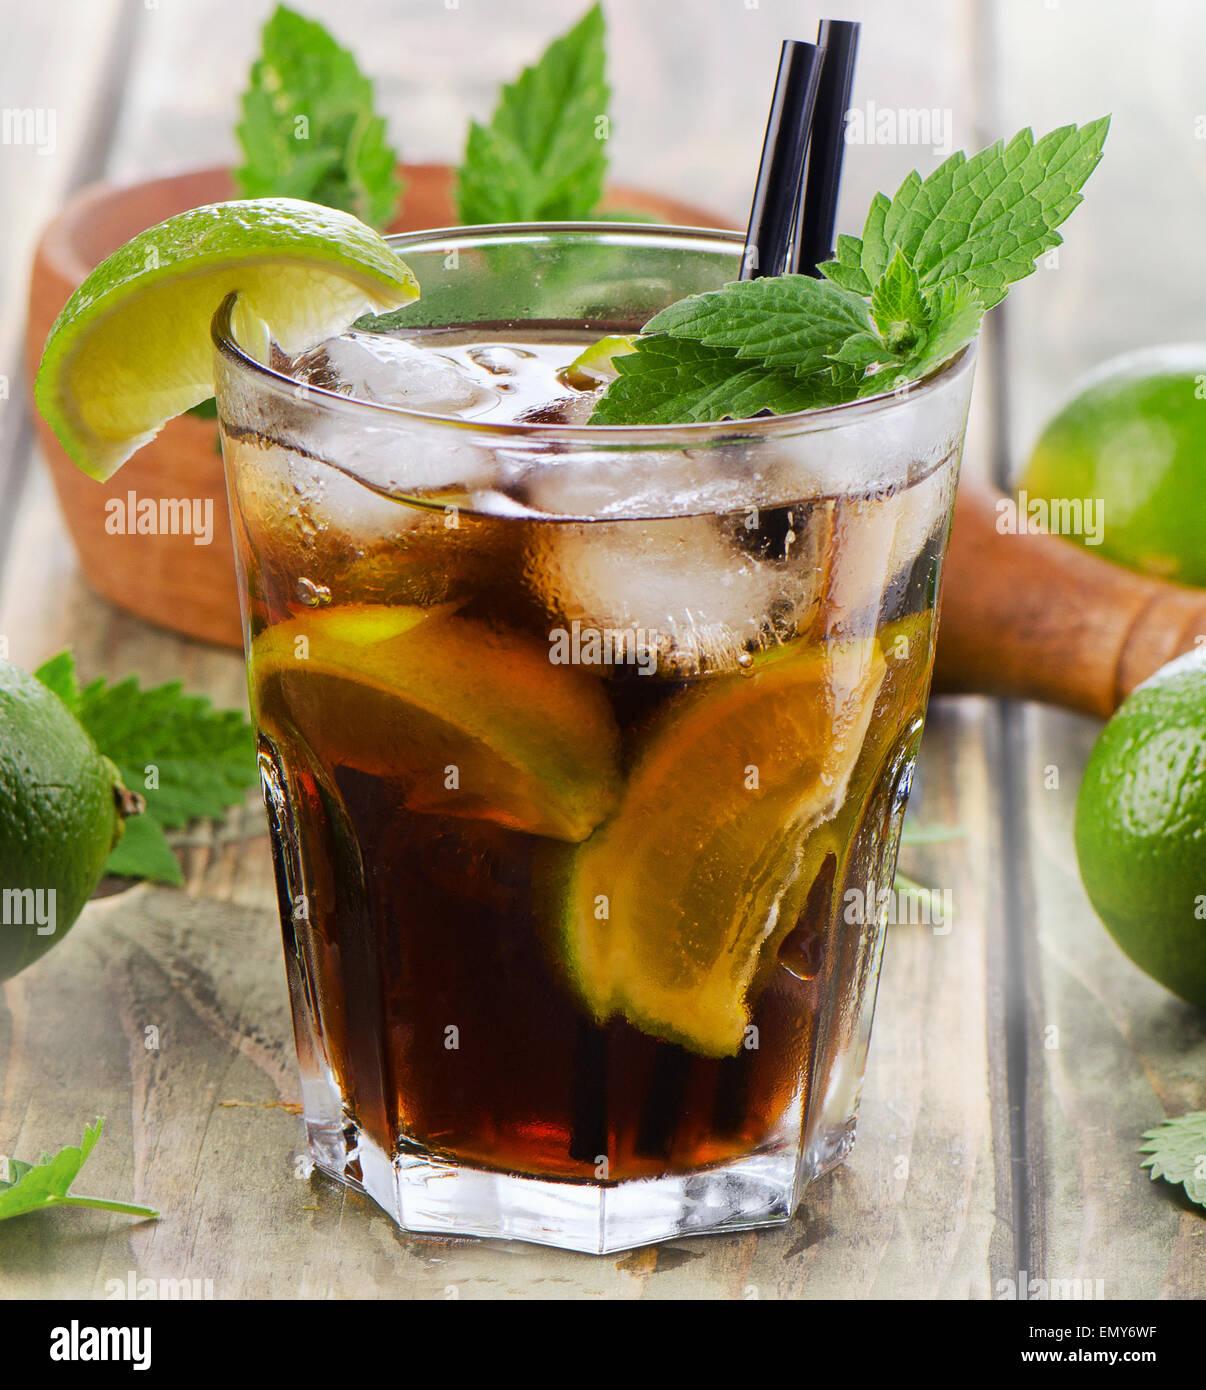 Alkoholischer Cocktail mit Rum, Limette, Minze und Eis. Selektiven Fokus Stockbild